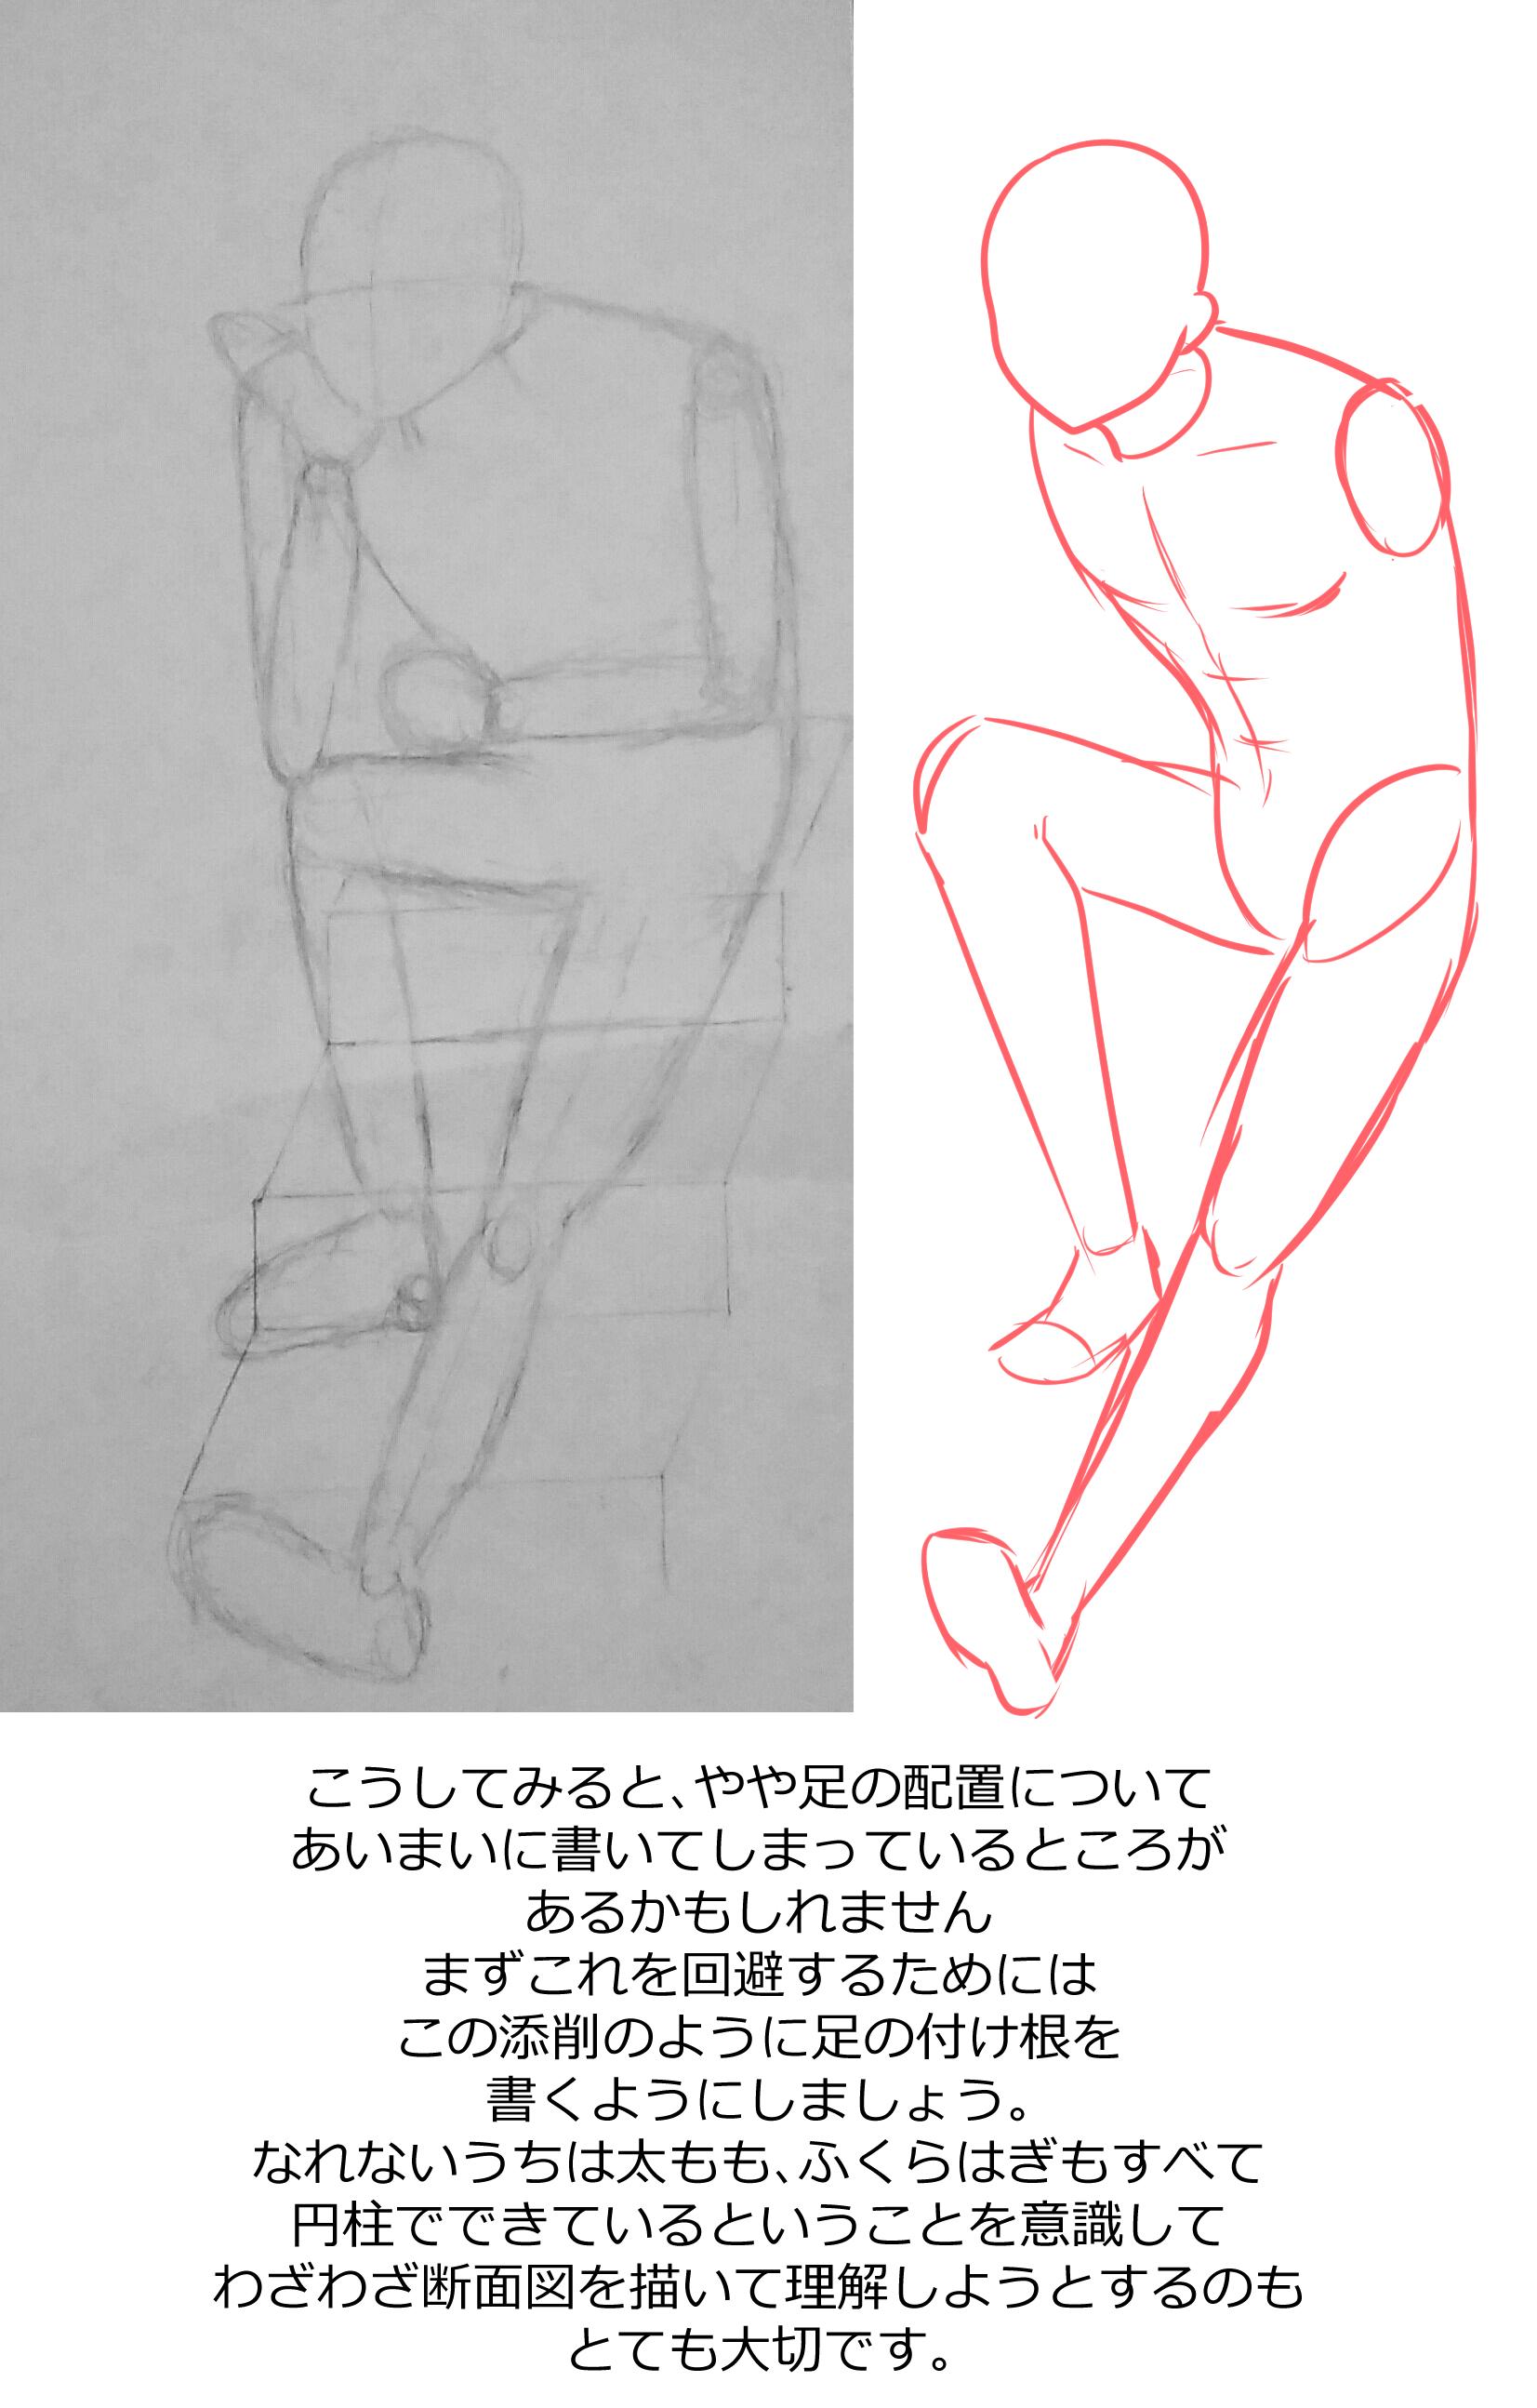 JgG4dclm_3.jpg